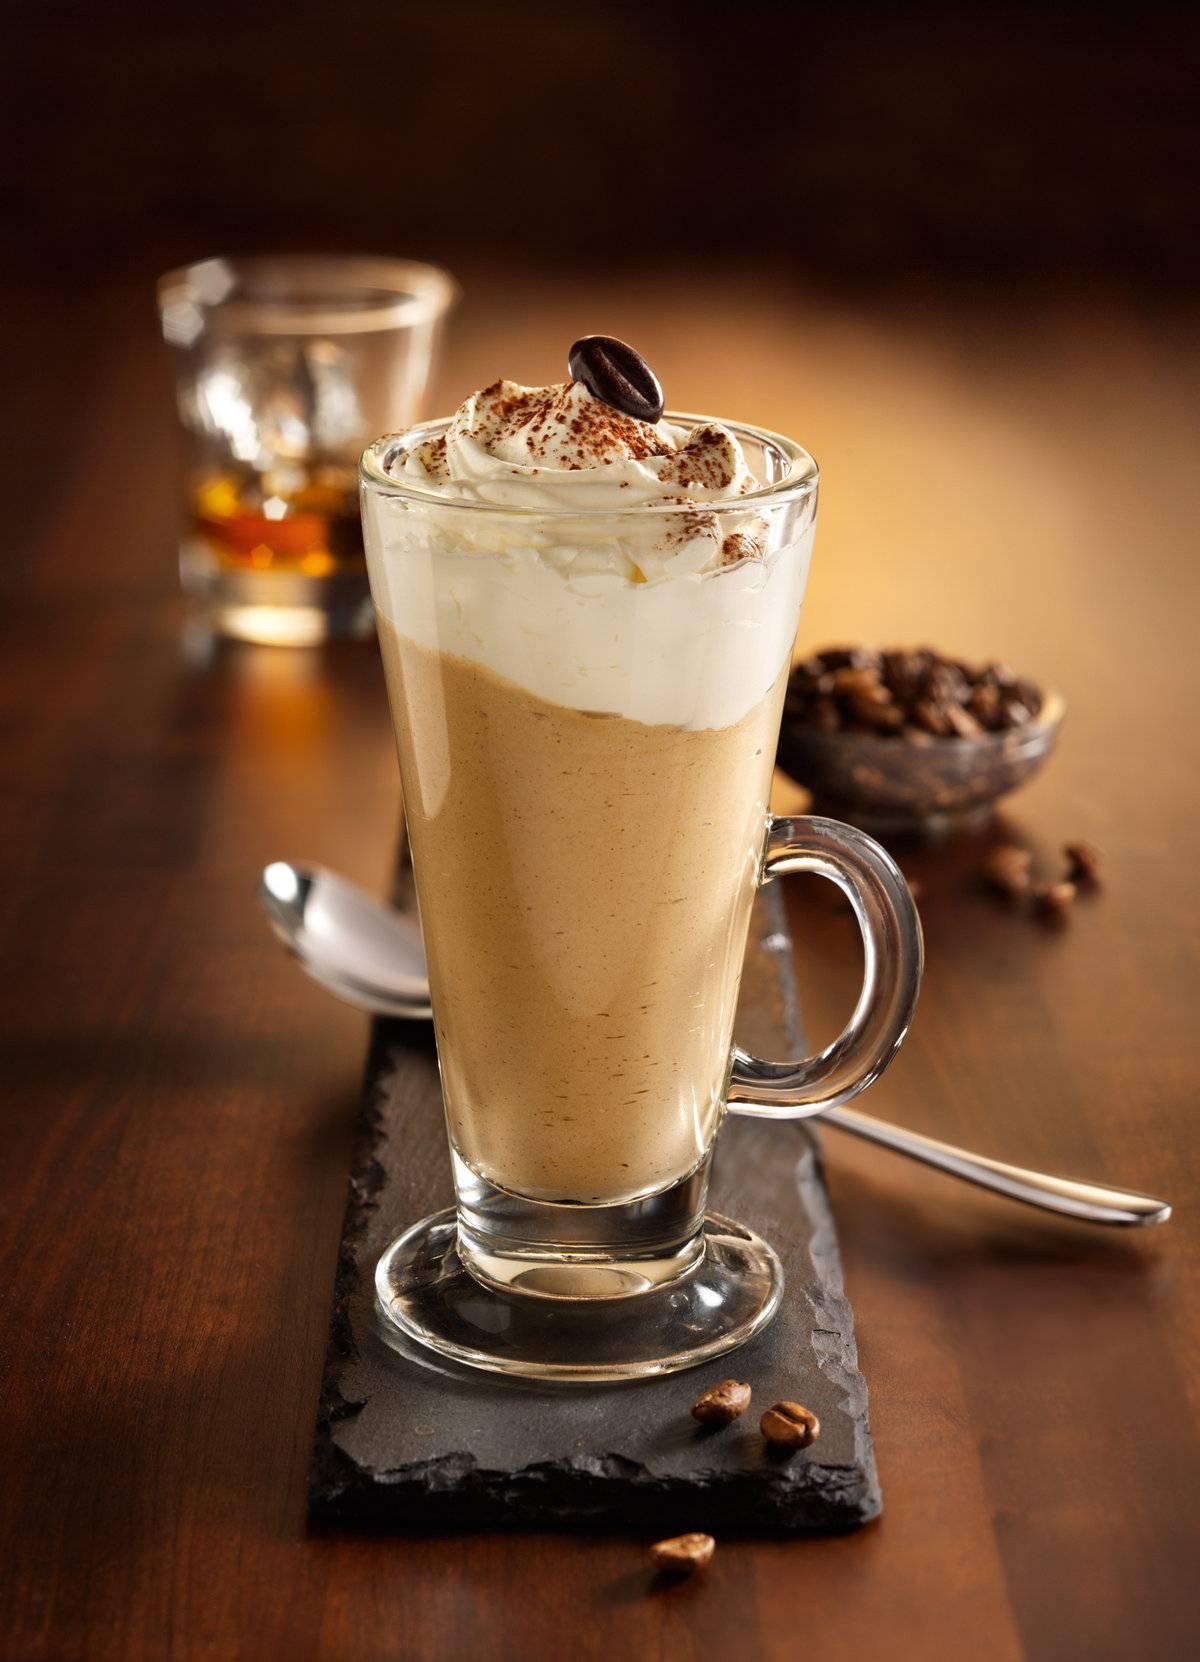 Рецепты вкусных кофейных коктейлей | самый неоднозначный канал | яндекс дзен